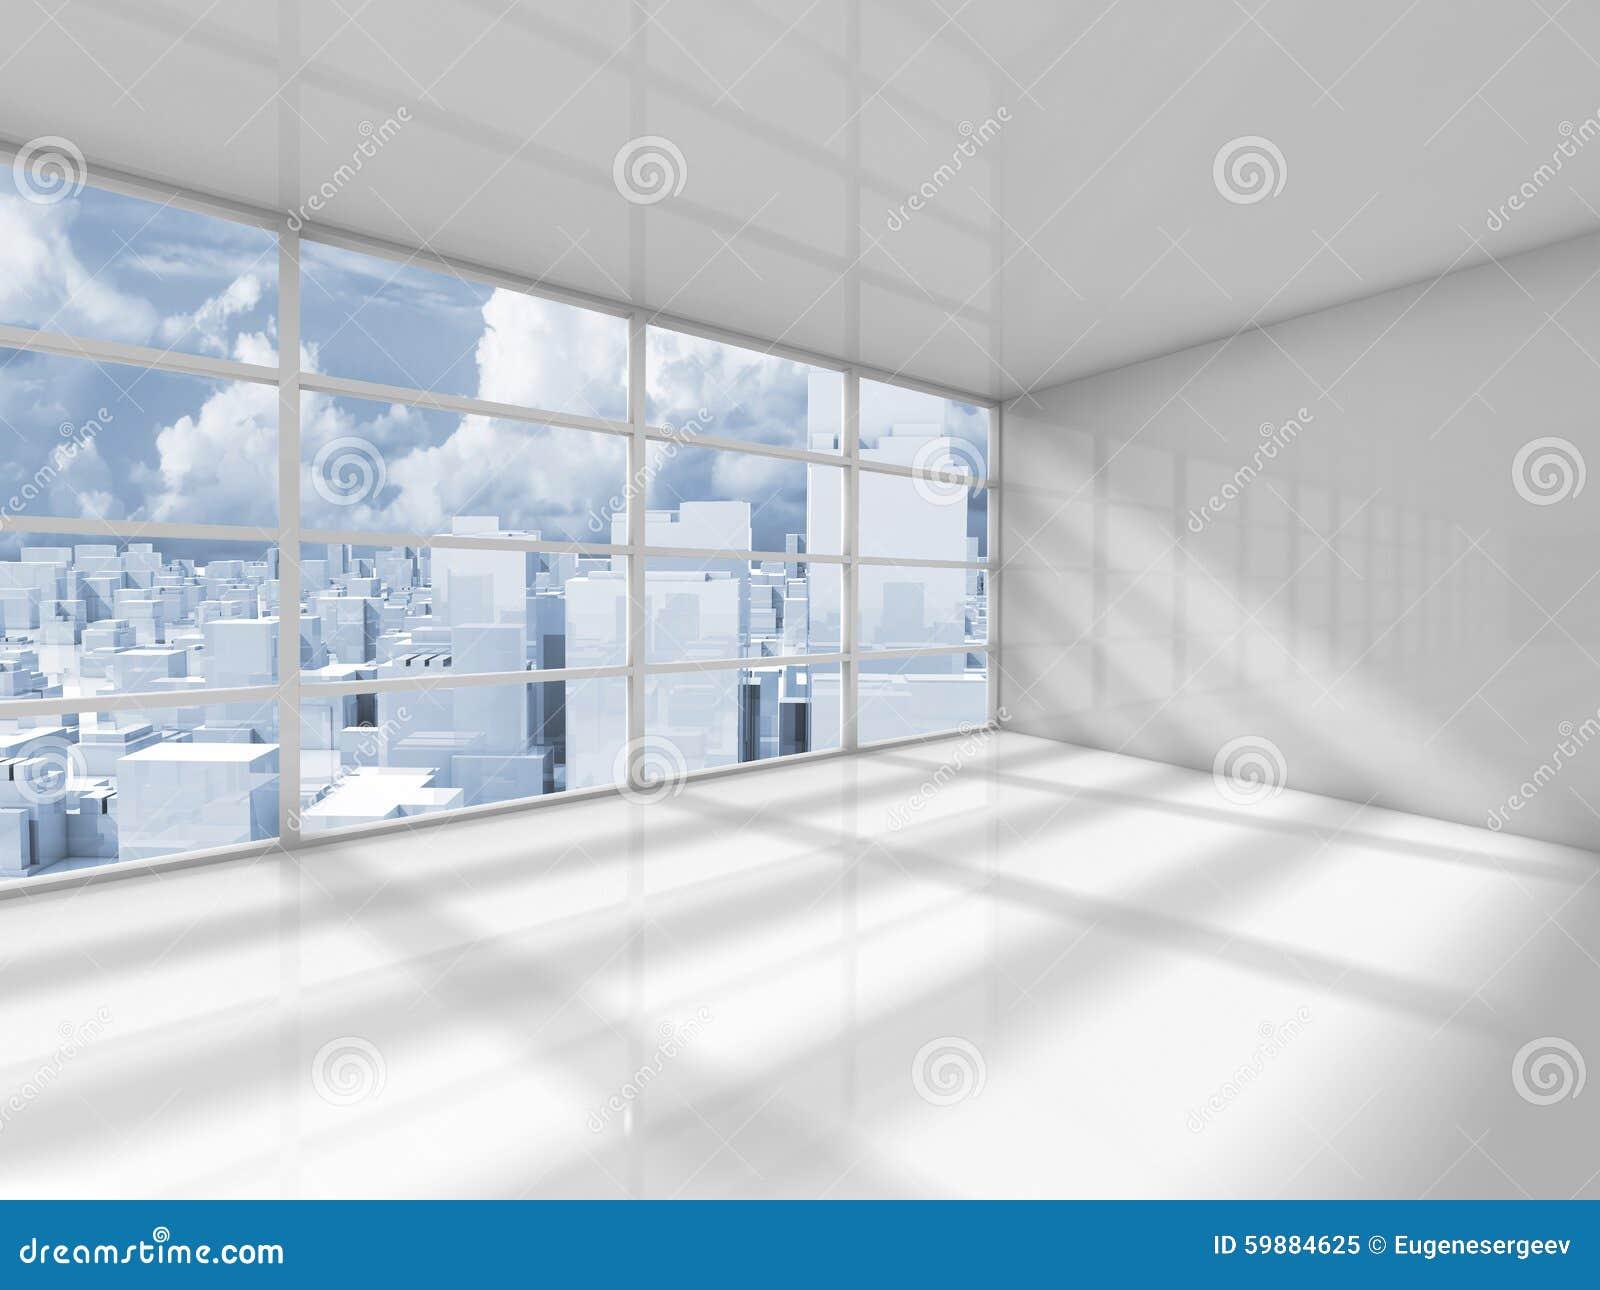 fotos von innenräumen des büroraums modernen büroraum abstrakter weißer innenraum eines leeren büroraumes weißer eines leeren stock abbildung